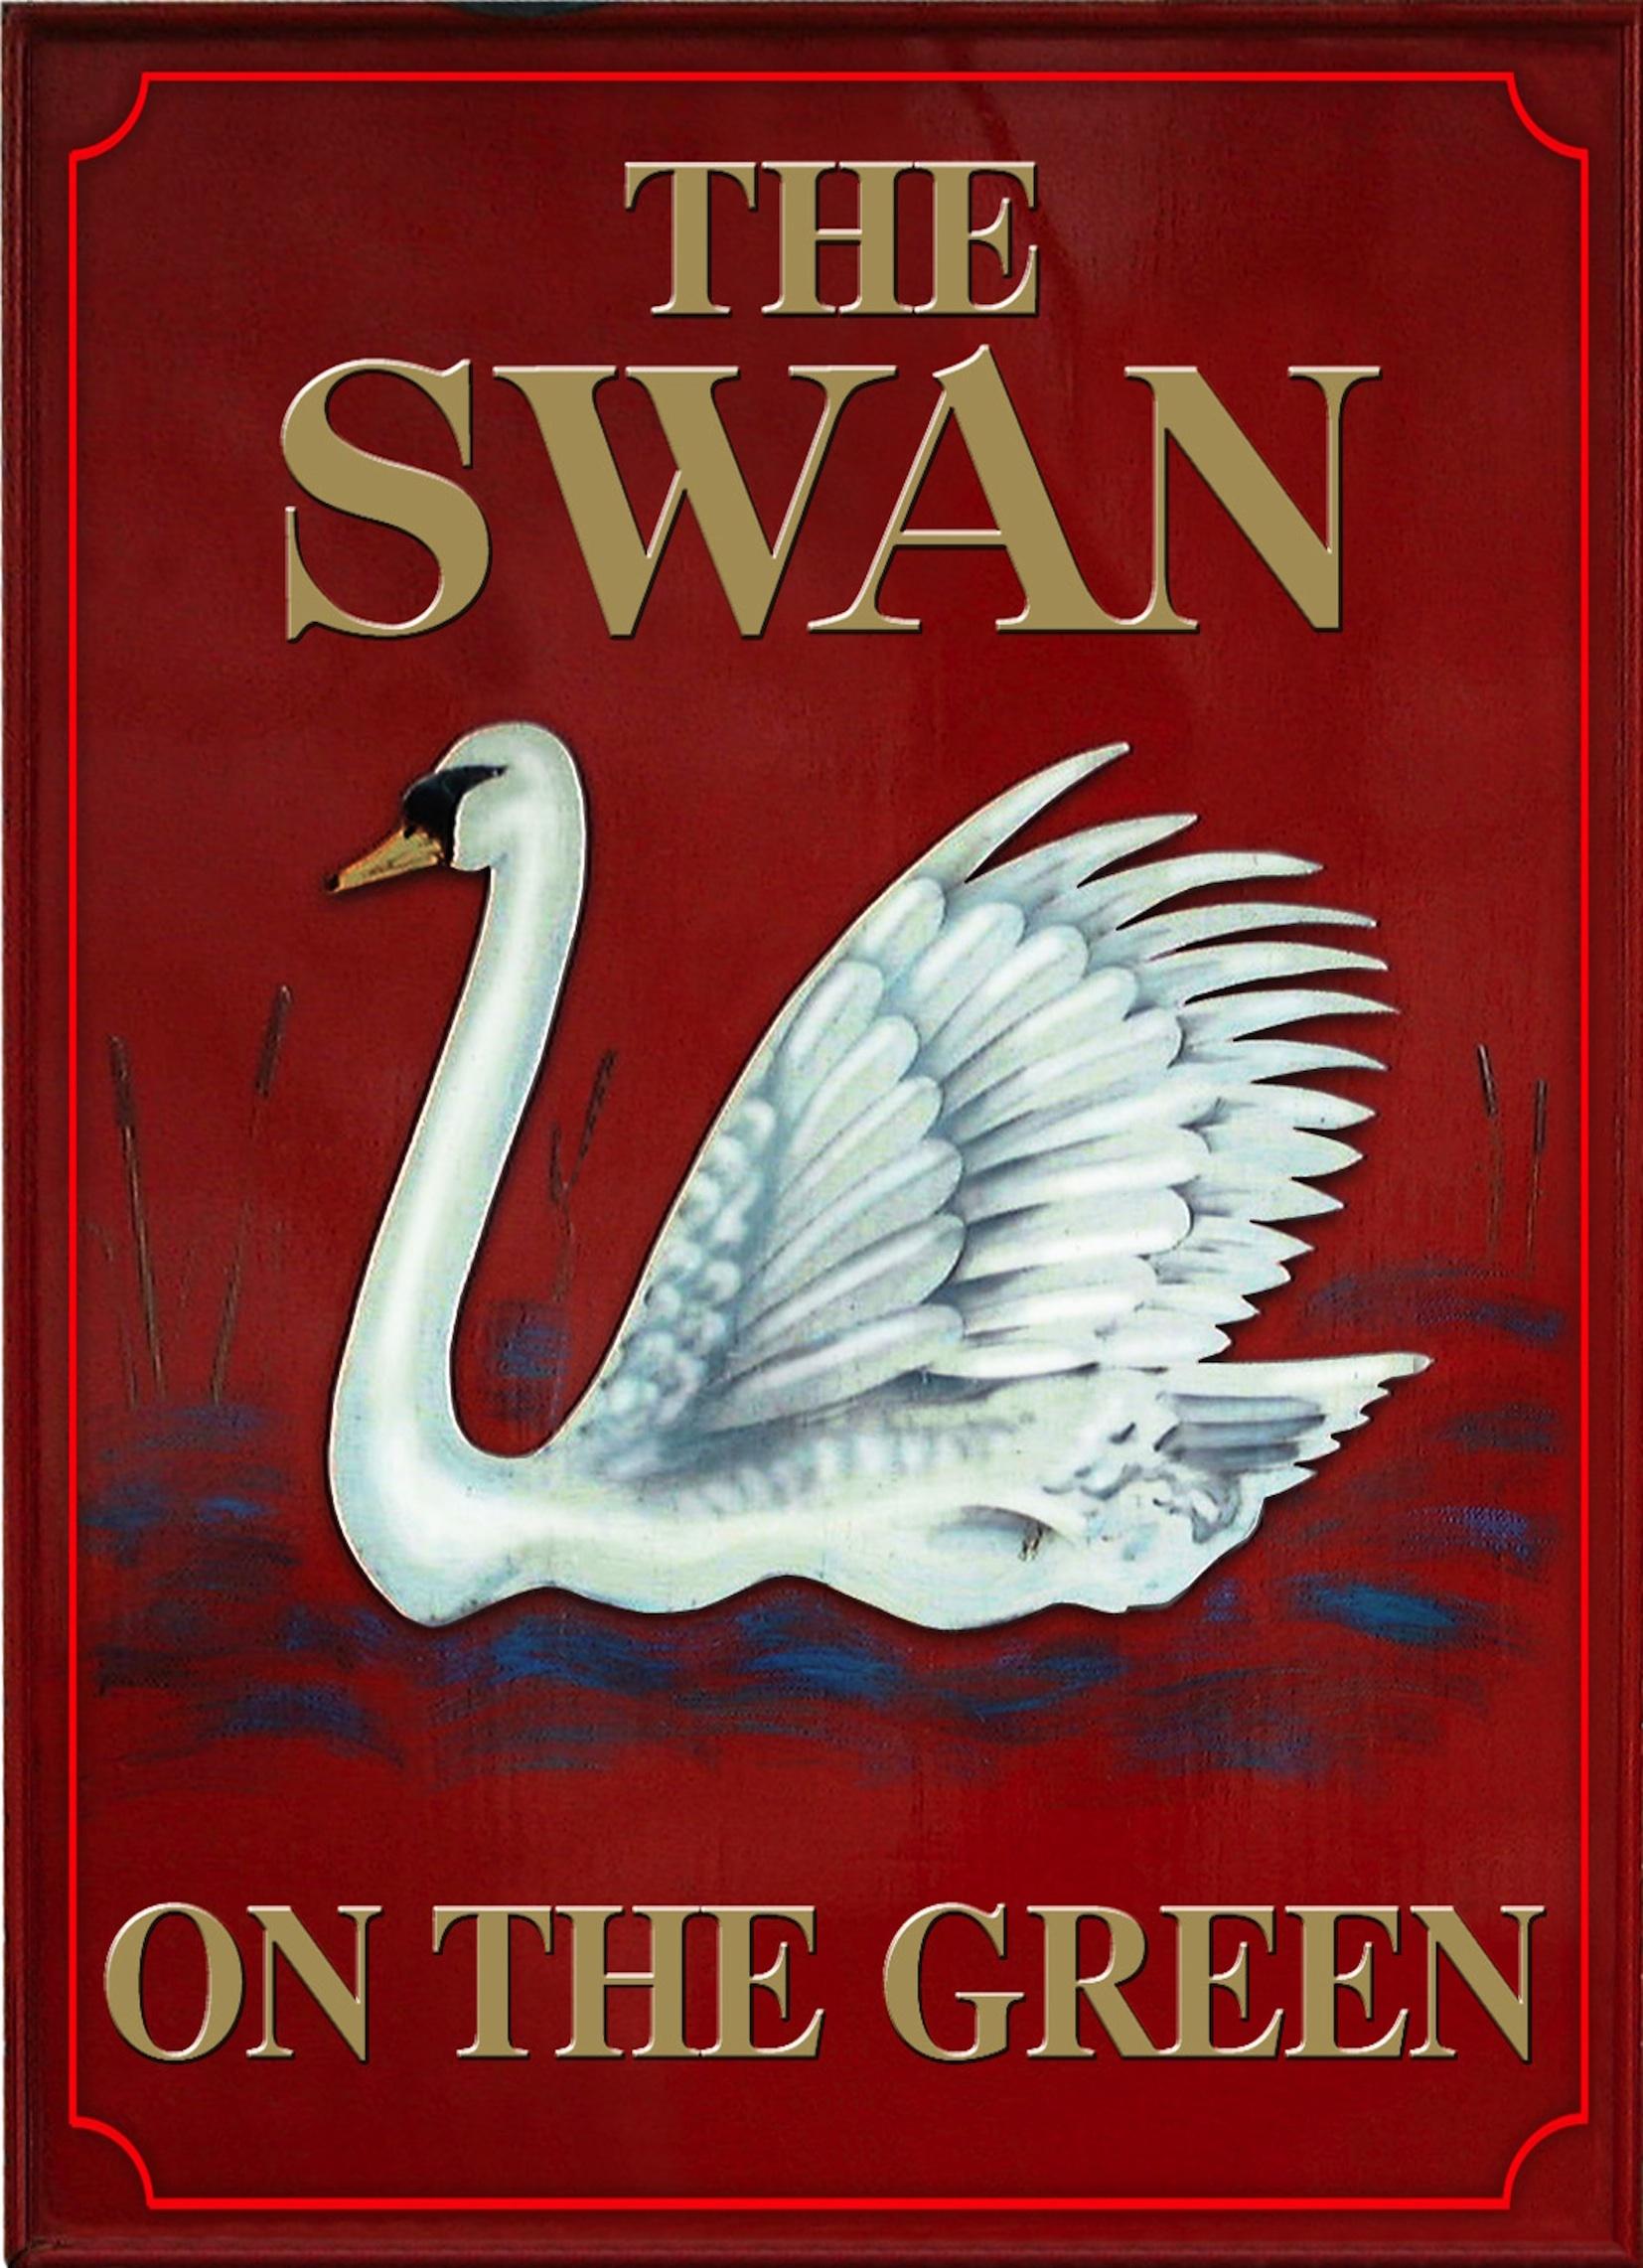 SWAN-Sign 20 sept 2010.jpg